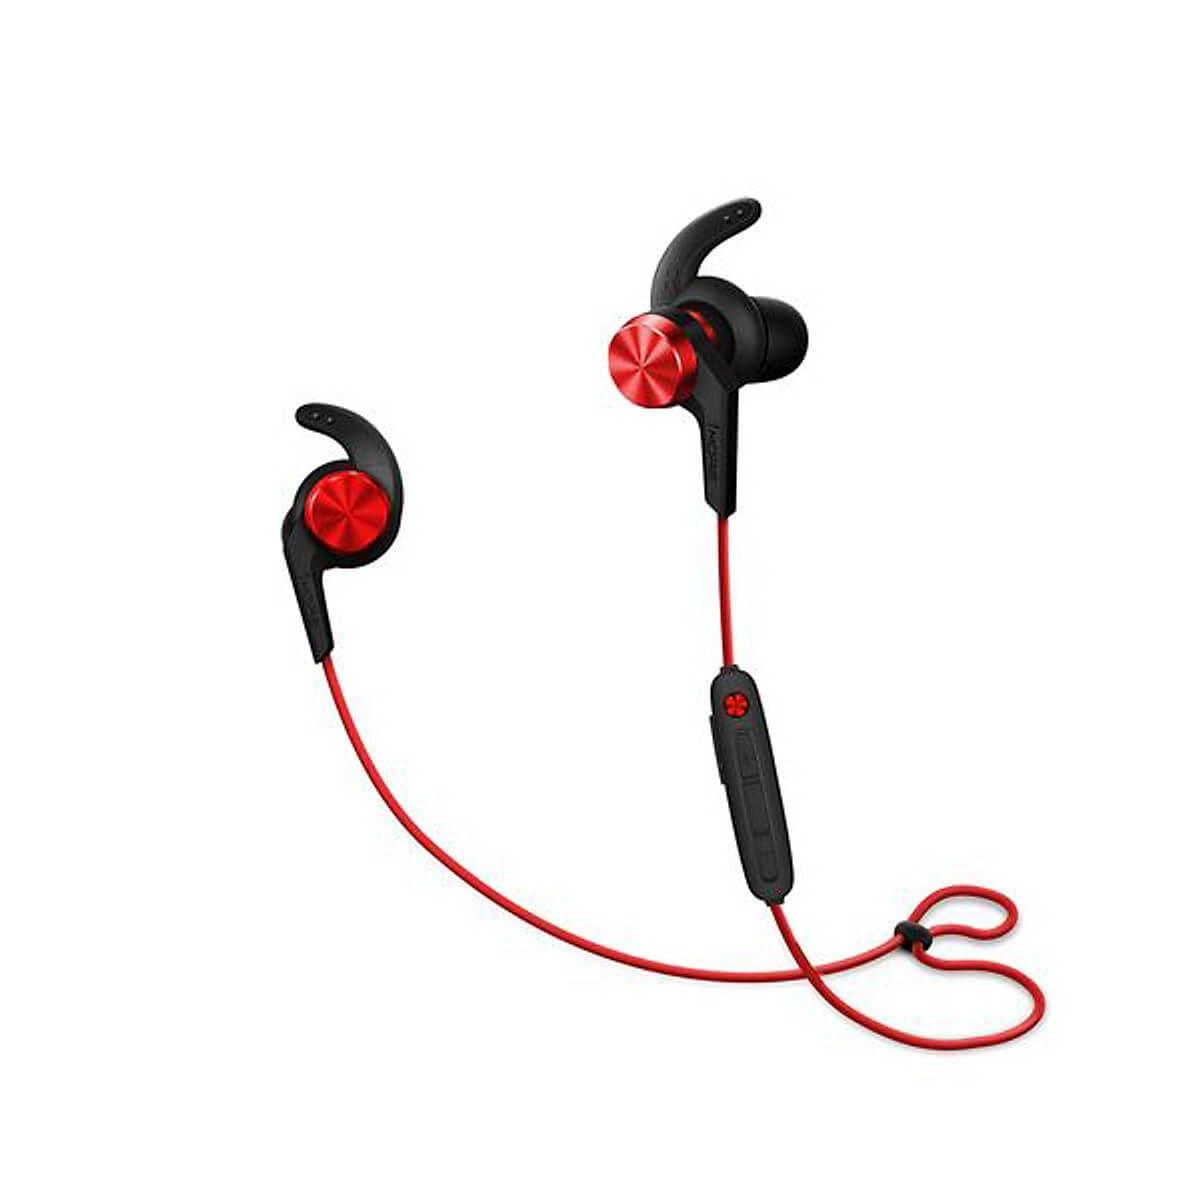 Tai Nghe Bluetooth 1More iBFree E1018 Plus - New Seal